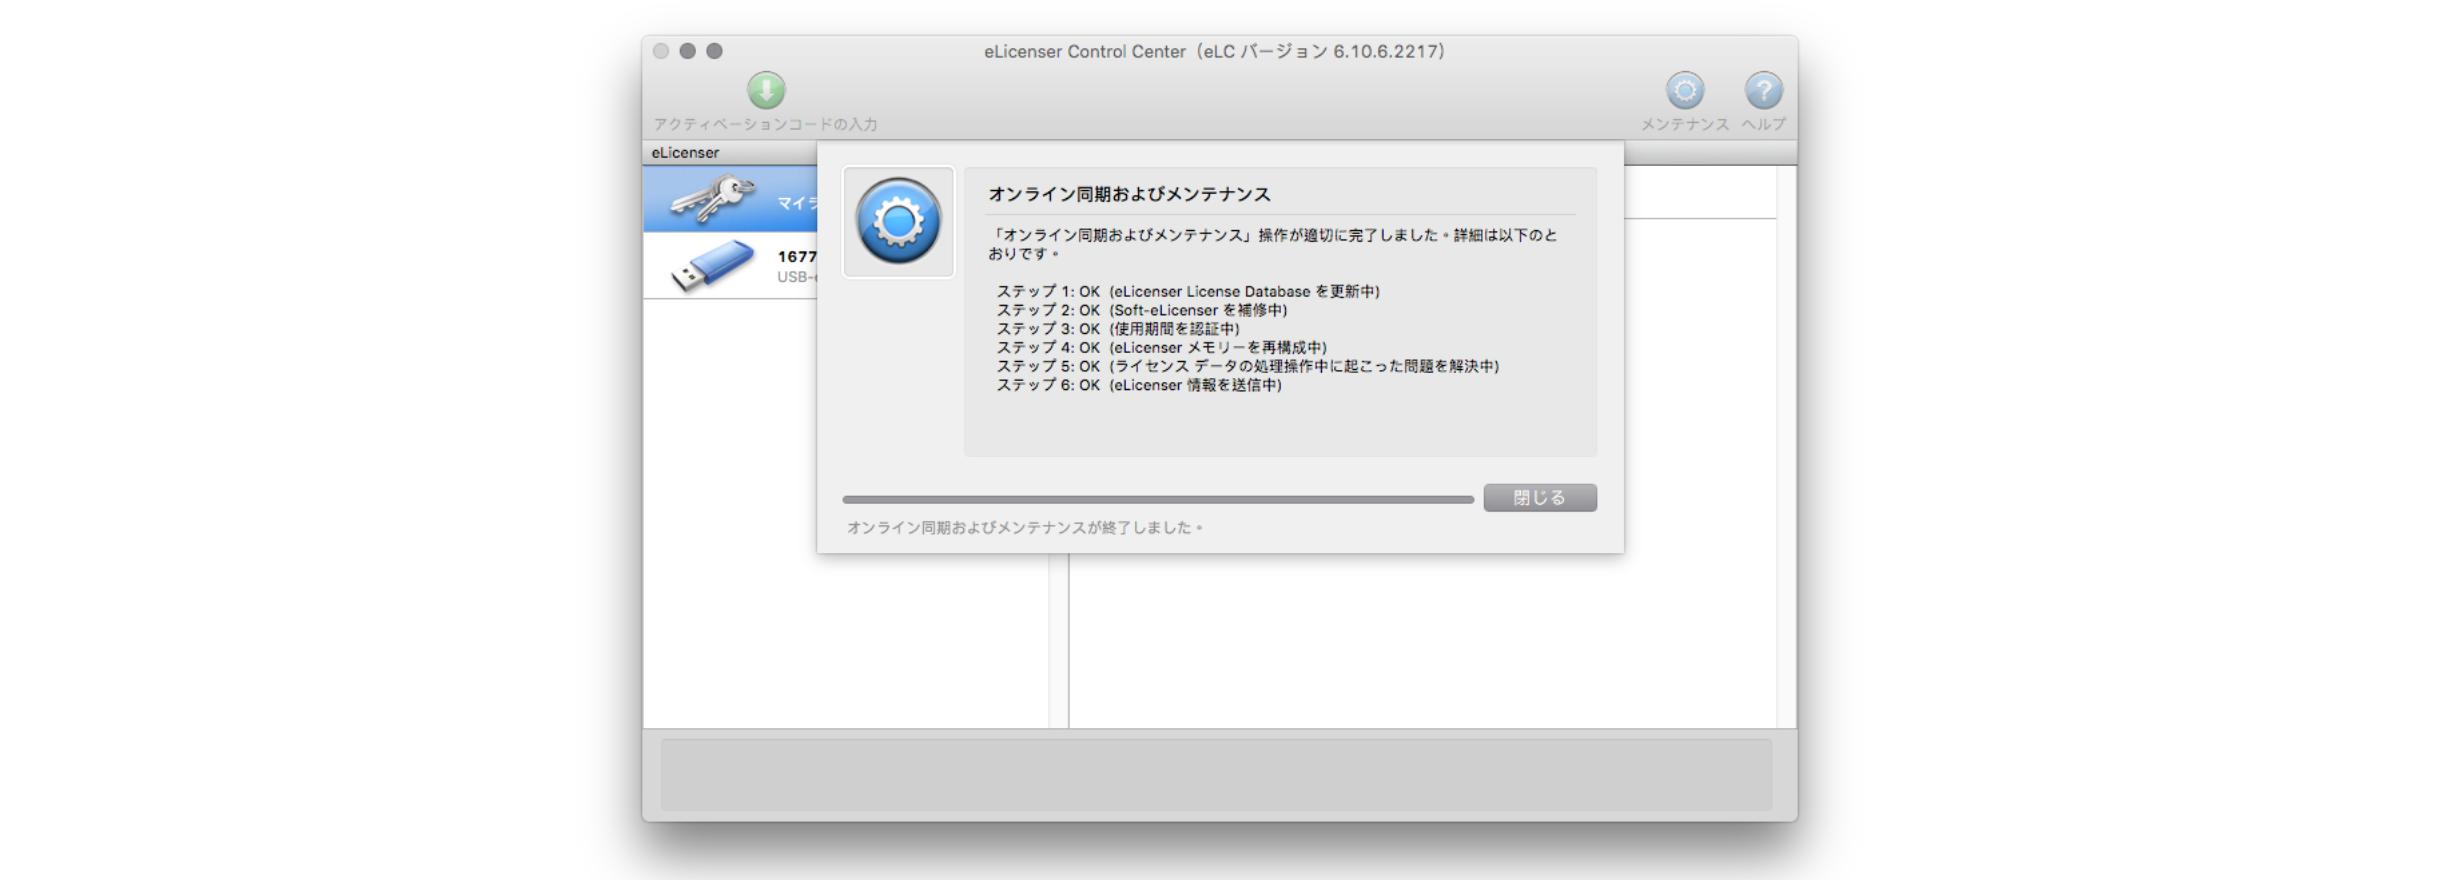 安裝完軟體後記得插上你的 eLicenser 進行認證。